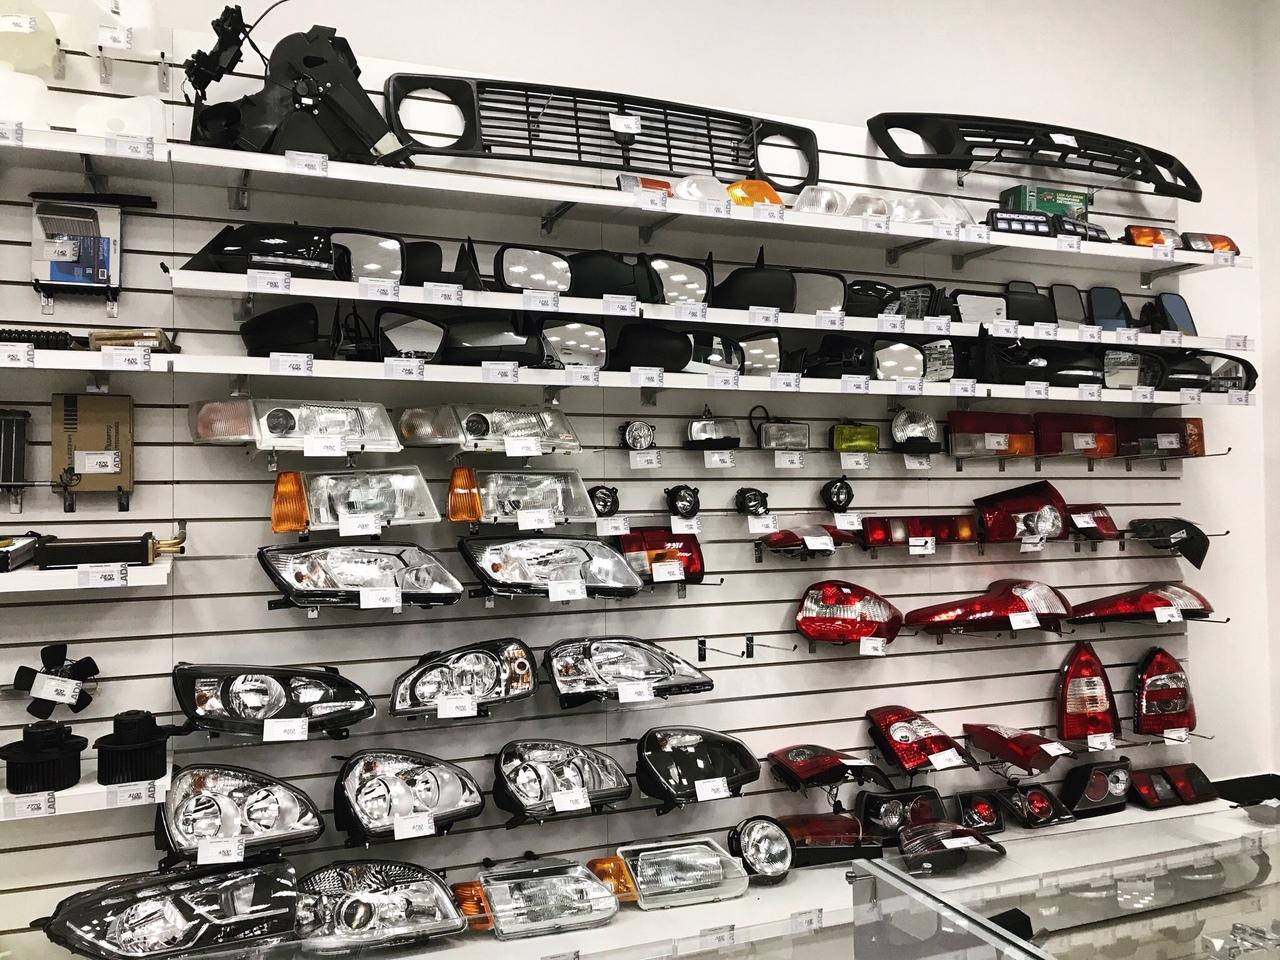 ВНИМАНИЕ! ВНИМАНИЕ! В Тюмень-АВТОВАЗ открылся новый магазин оригинальных автозапчастей и аксессуаров!